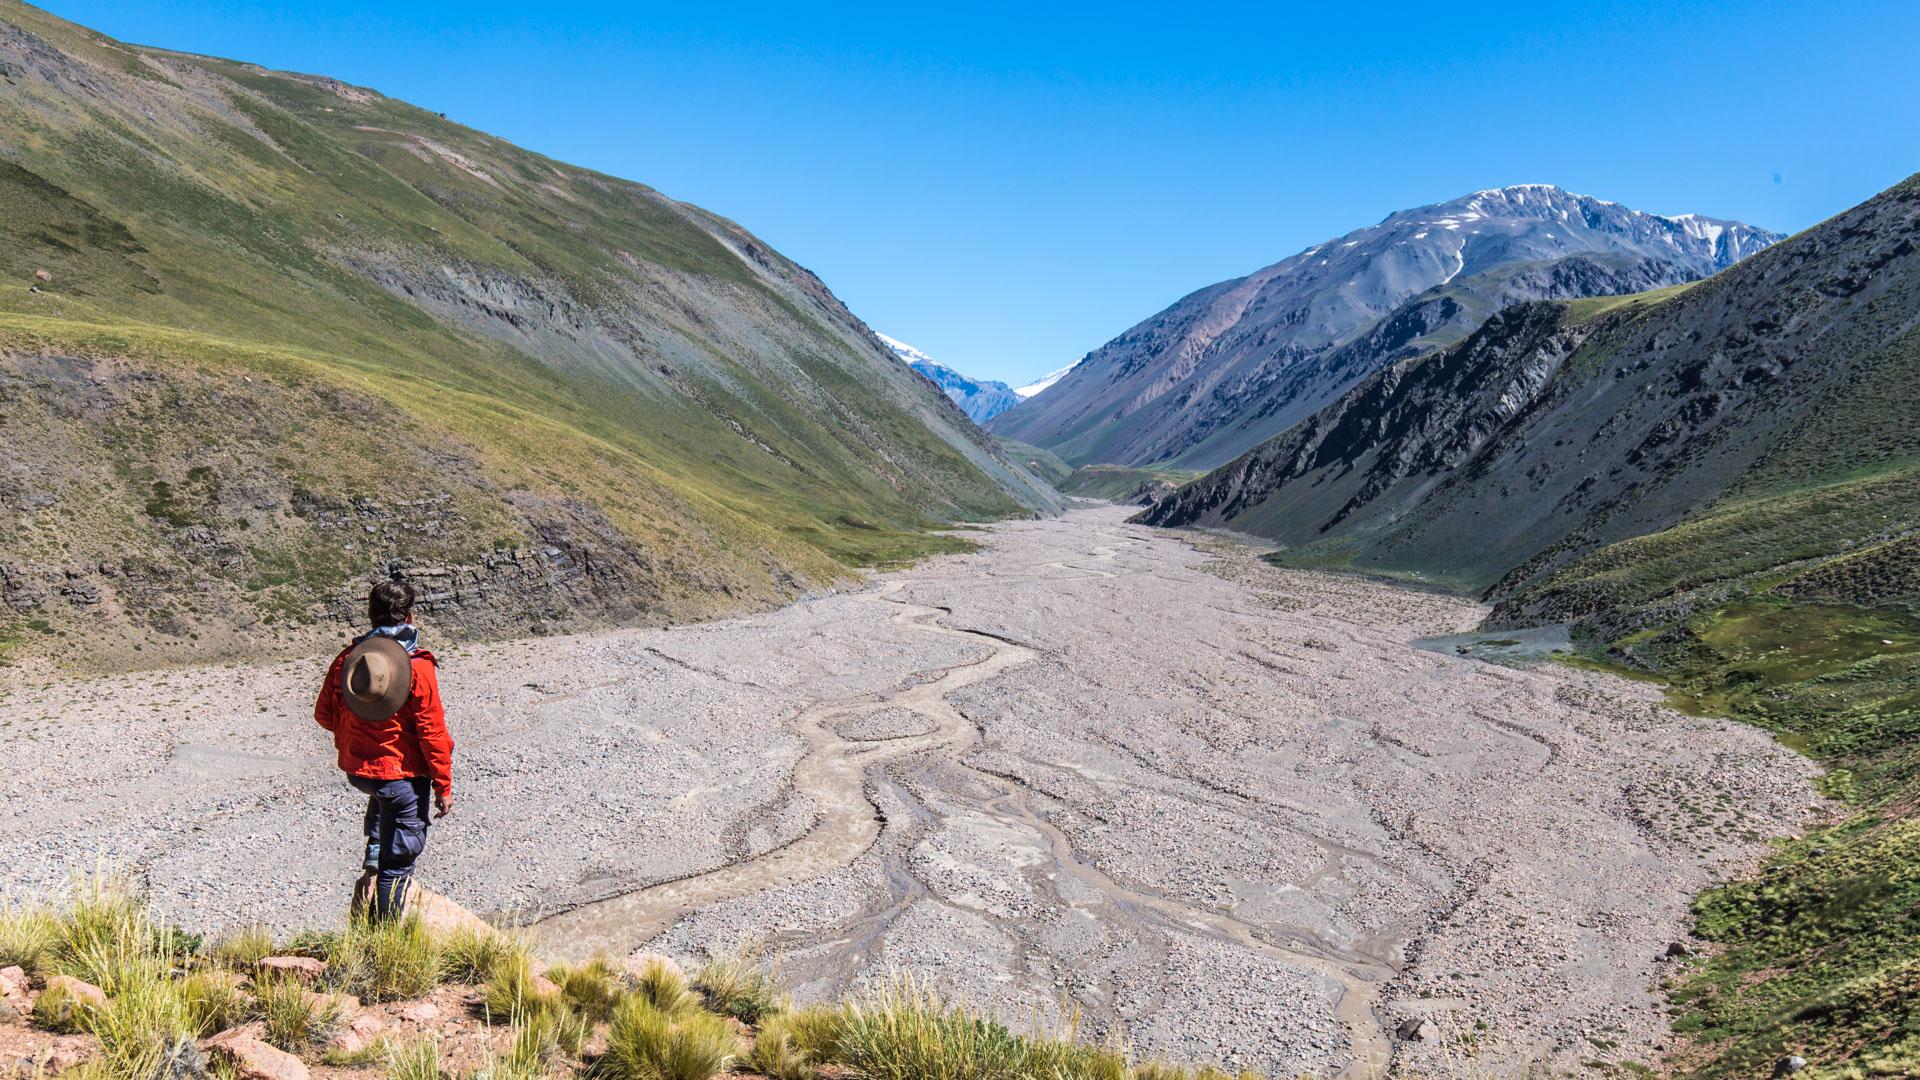 Kadr ze spaceru Doliną rzeki Tunuyan